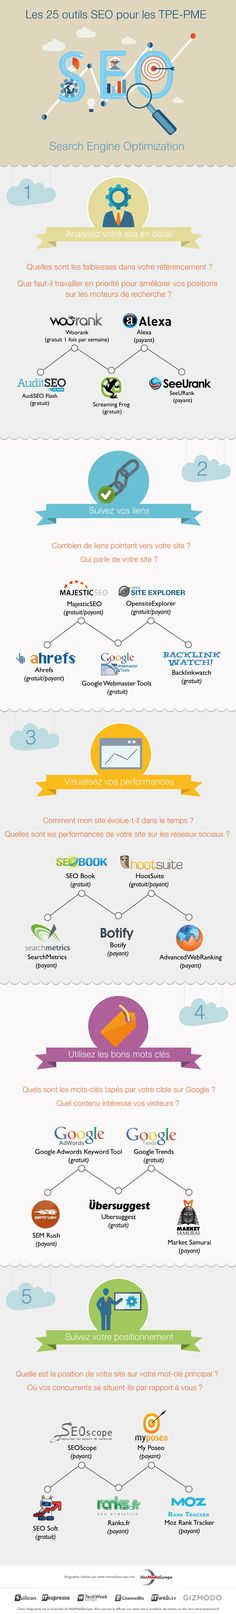 Une infographie qui présente 25 outils SEO utiles pour travailler et mesure votre référencement naturel sur les moteurs de recherche...